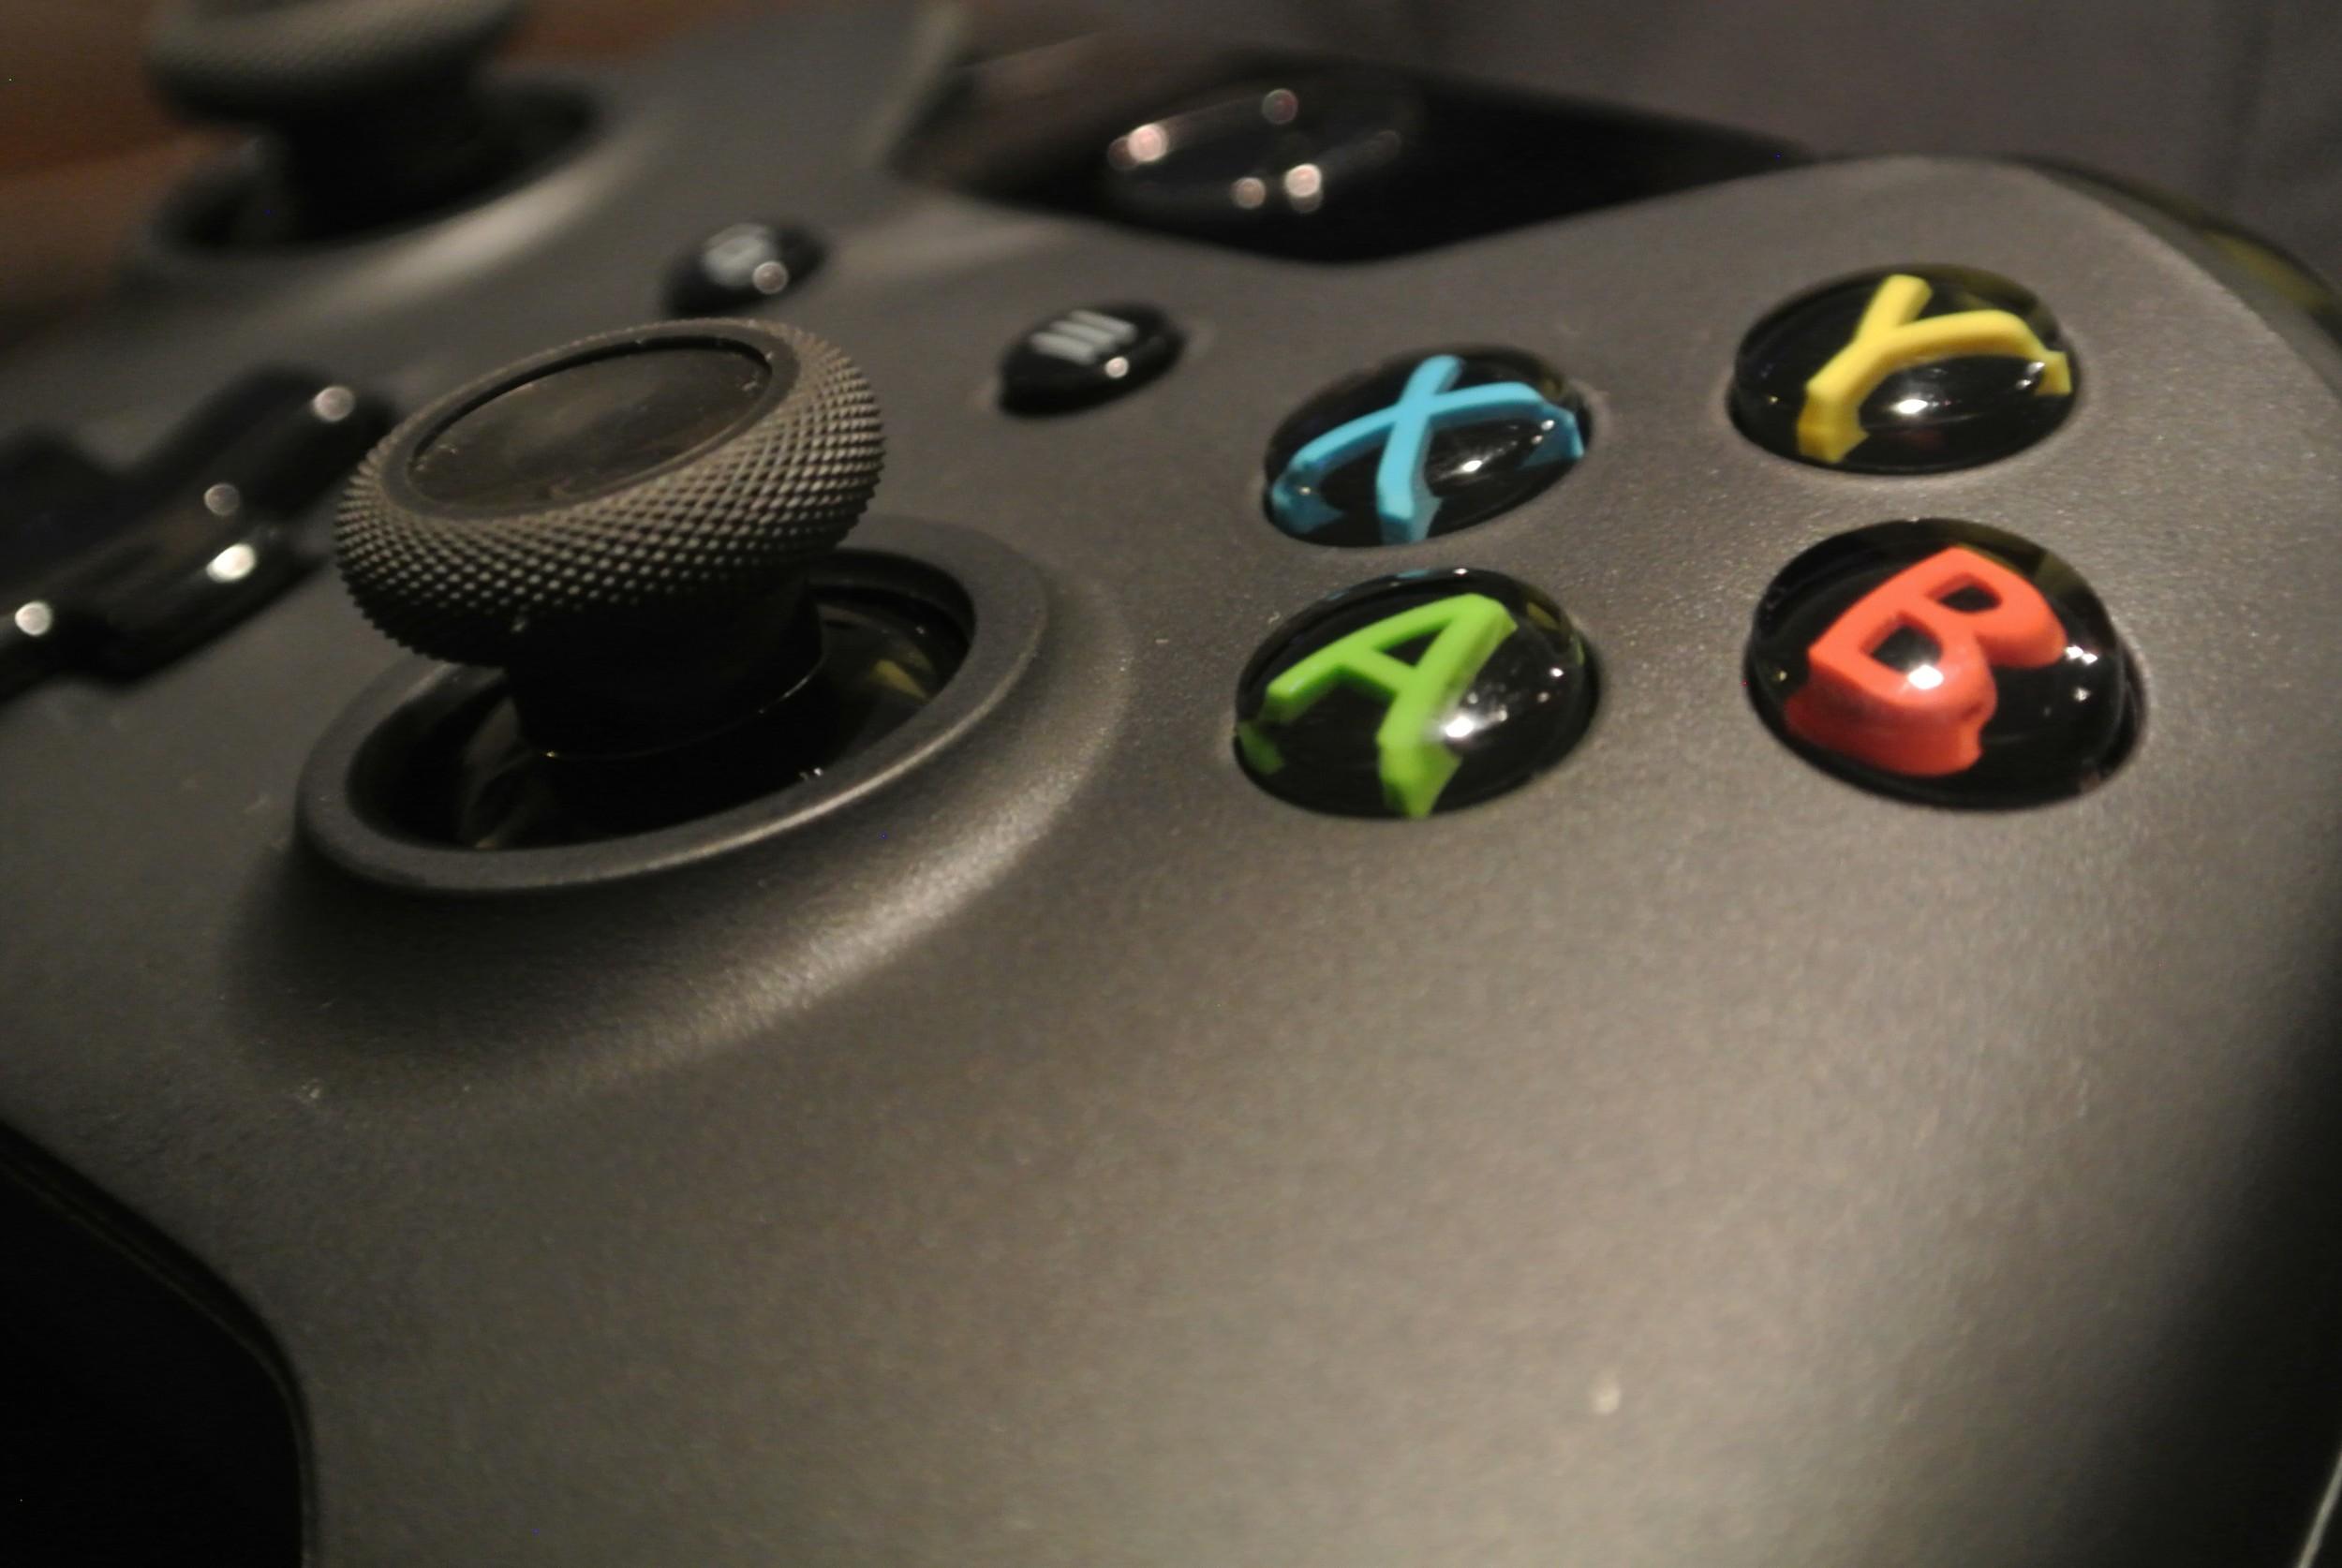 Xbox One jest mniej wydajny od Playstation 4, ale może mieć ładniejsze gry. Pozwoli na to chmura